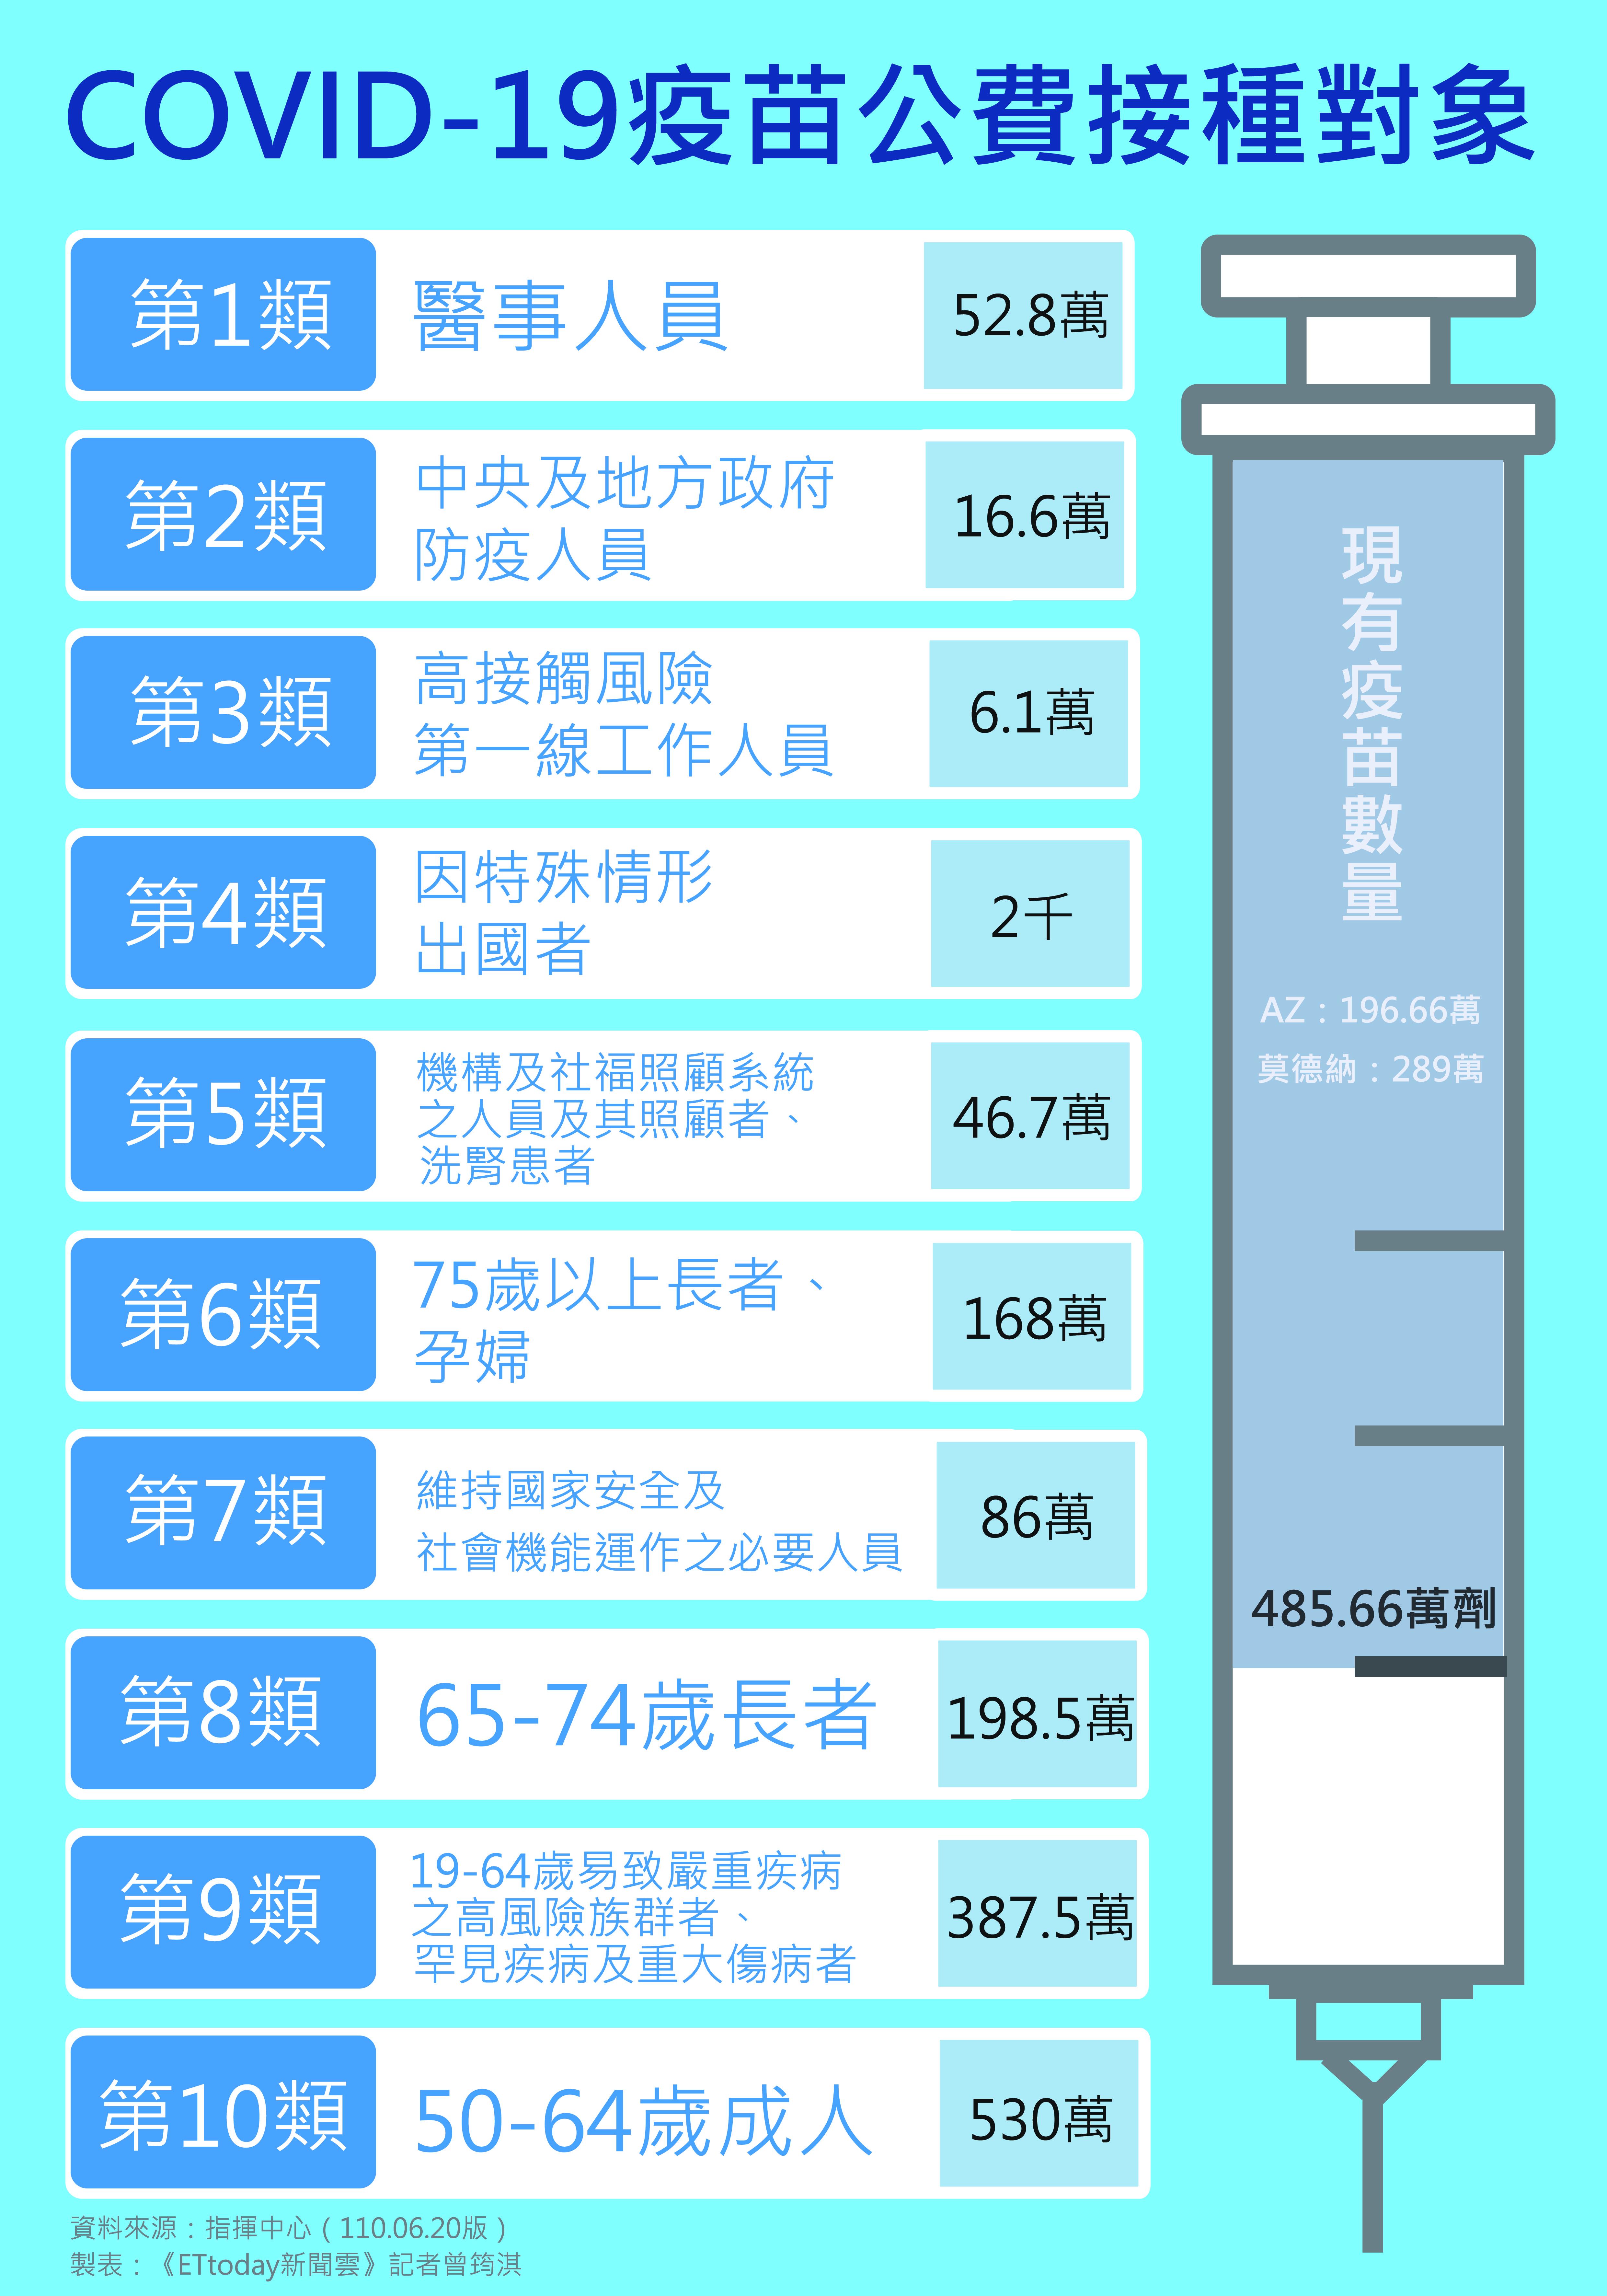 COVID-19,疫苗,公費接種,接種,病毒,感染,傳播,衛福部,陳時中